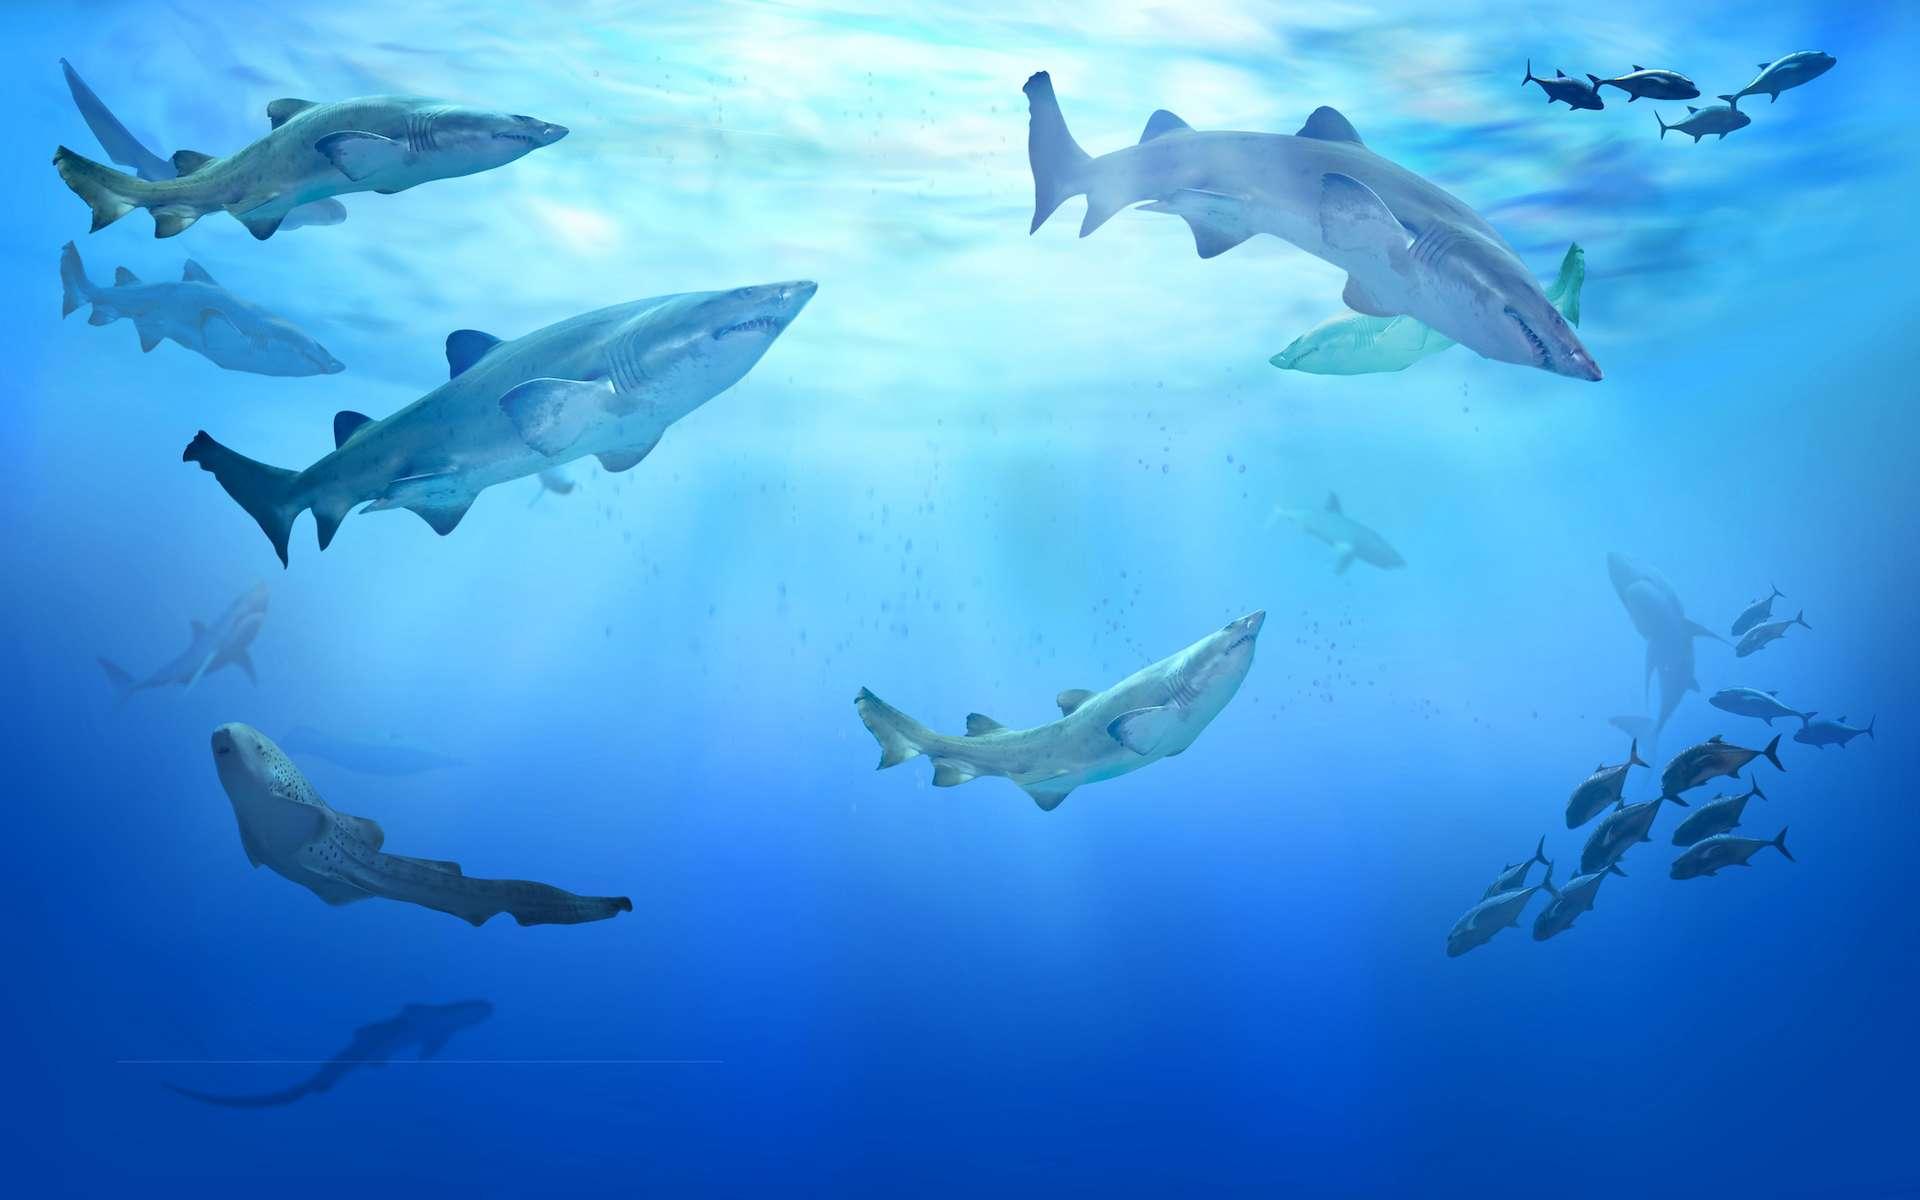 Les requins sont plus présents dans les eaux les moins riches en biodiversité. © silvae, Adobe Stock